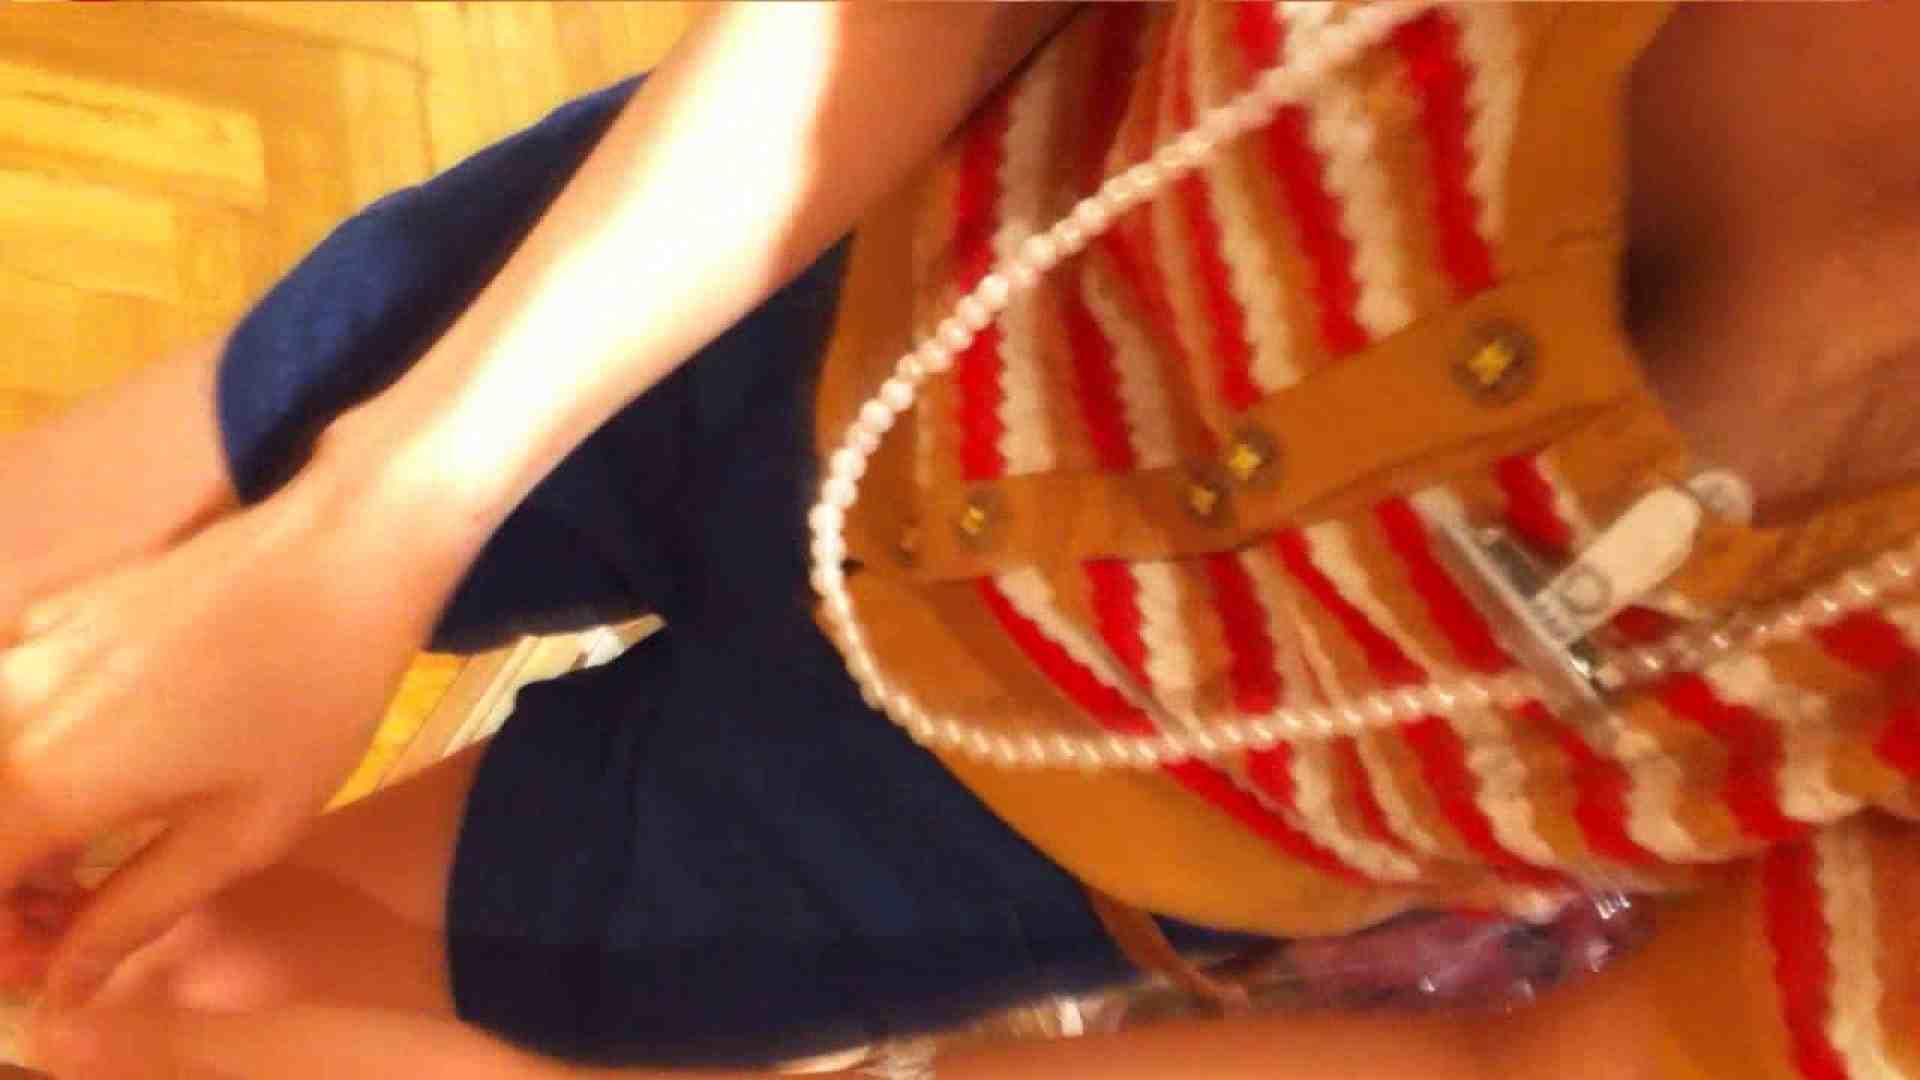 可愛いカリスマ店員限定‼胸チラ&パンチラ vol.12 チラ歓迎 エロ画像 103pic 33